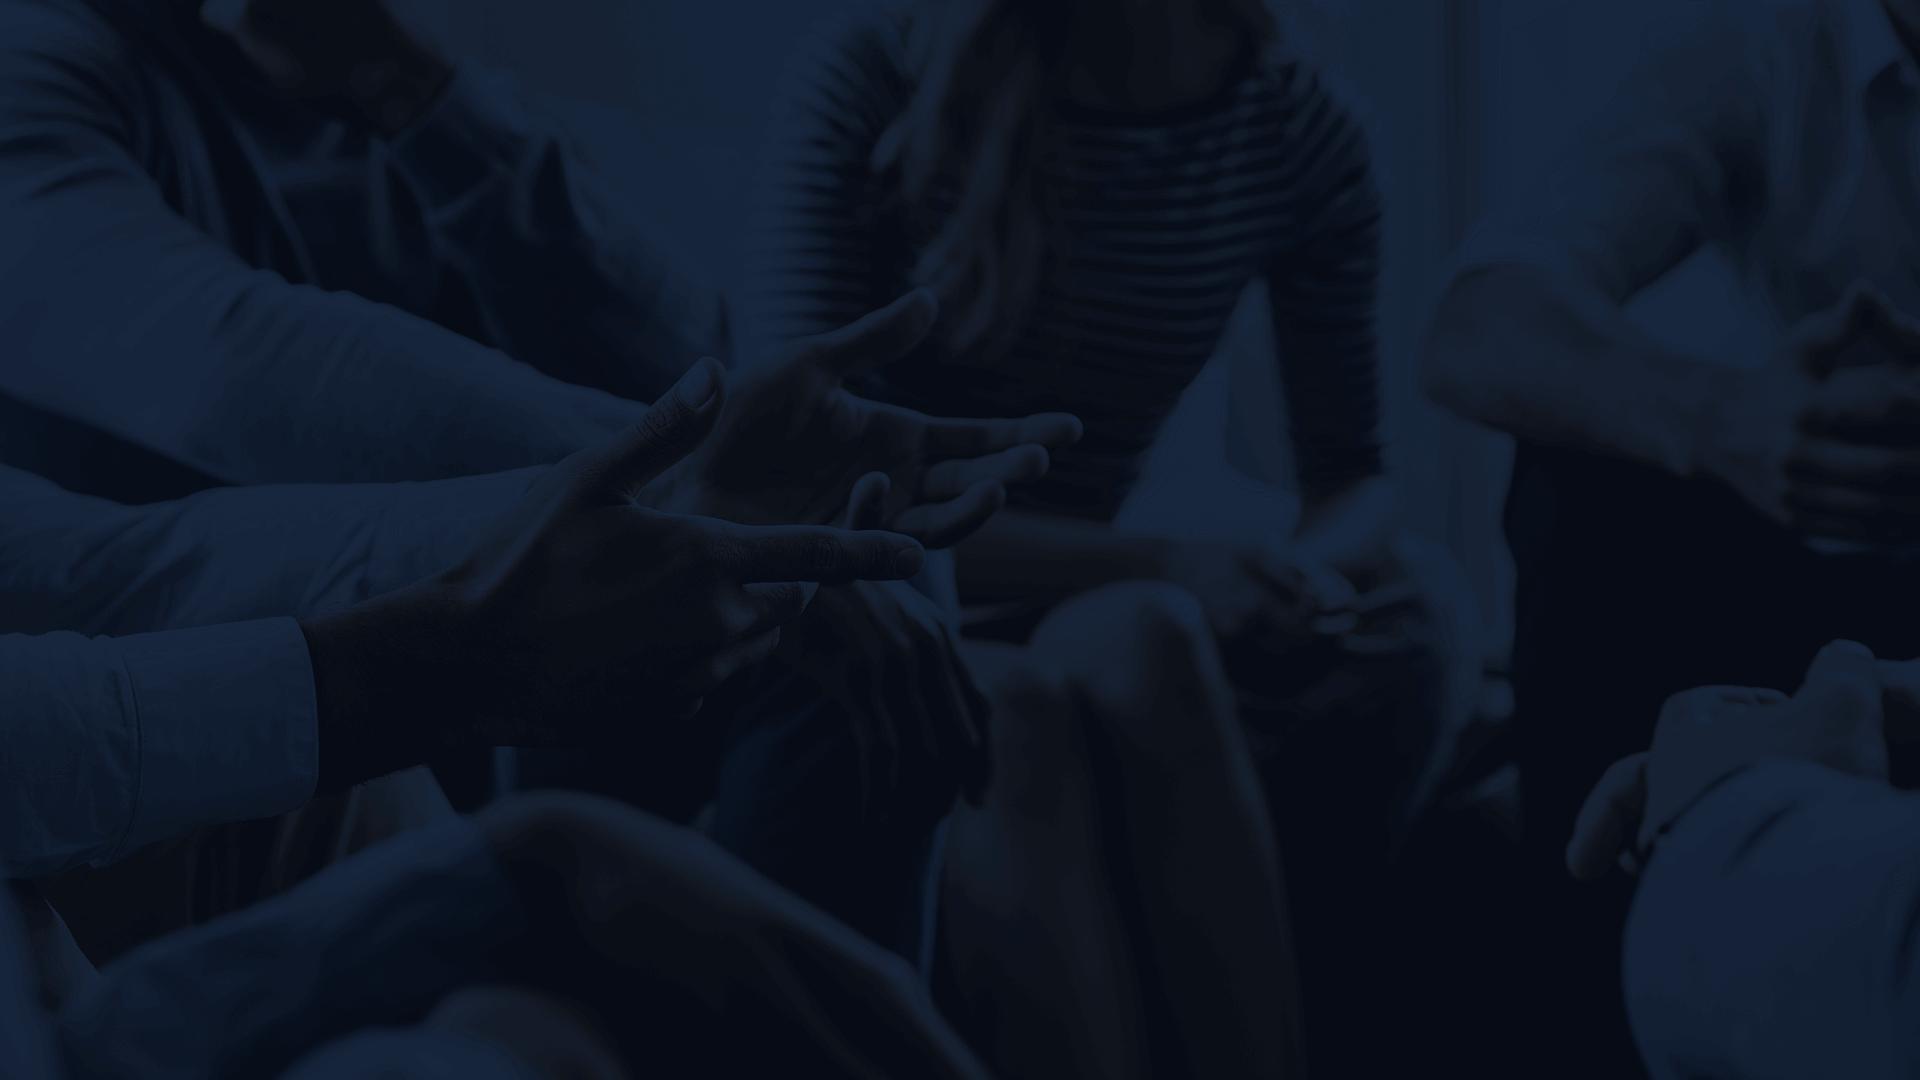 Ideas Matter - Diaspora Matters